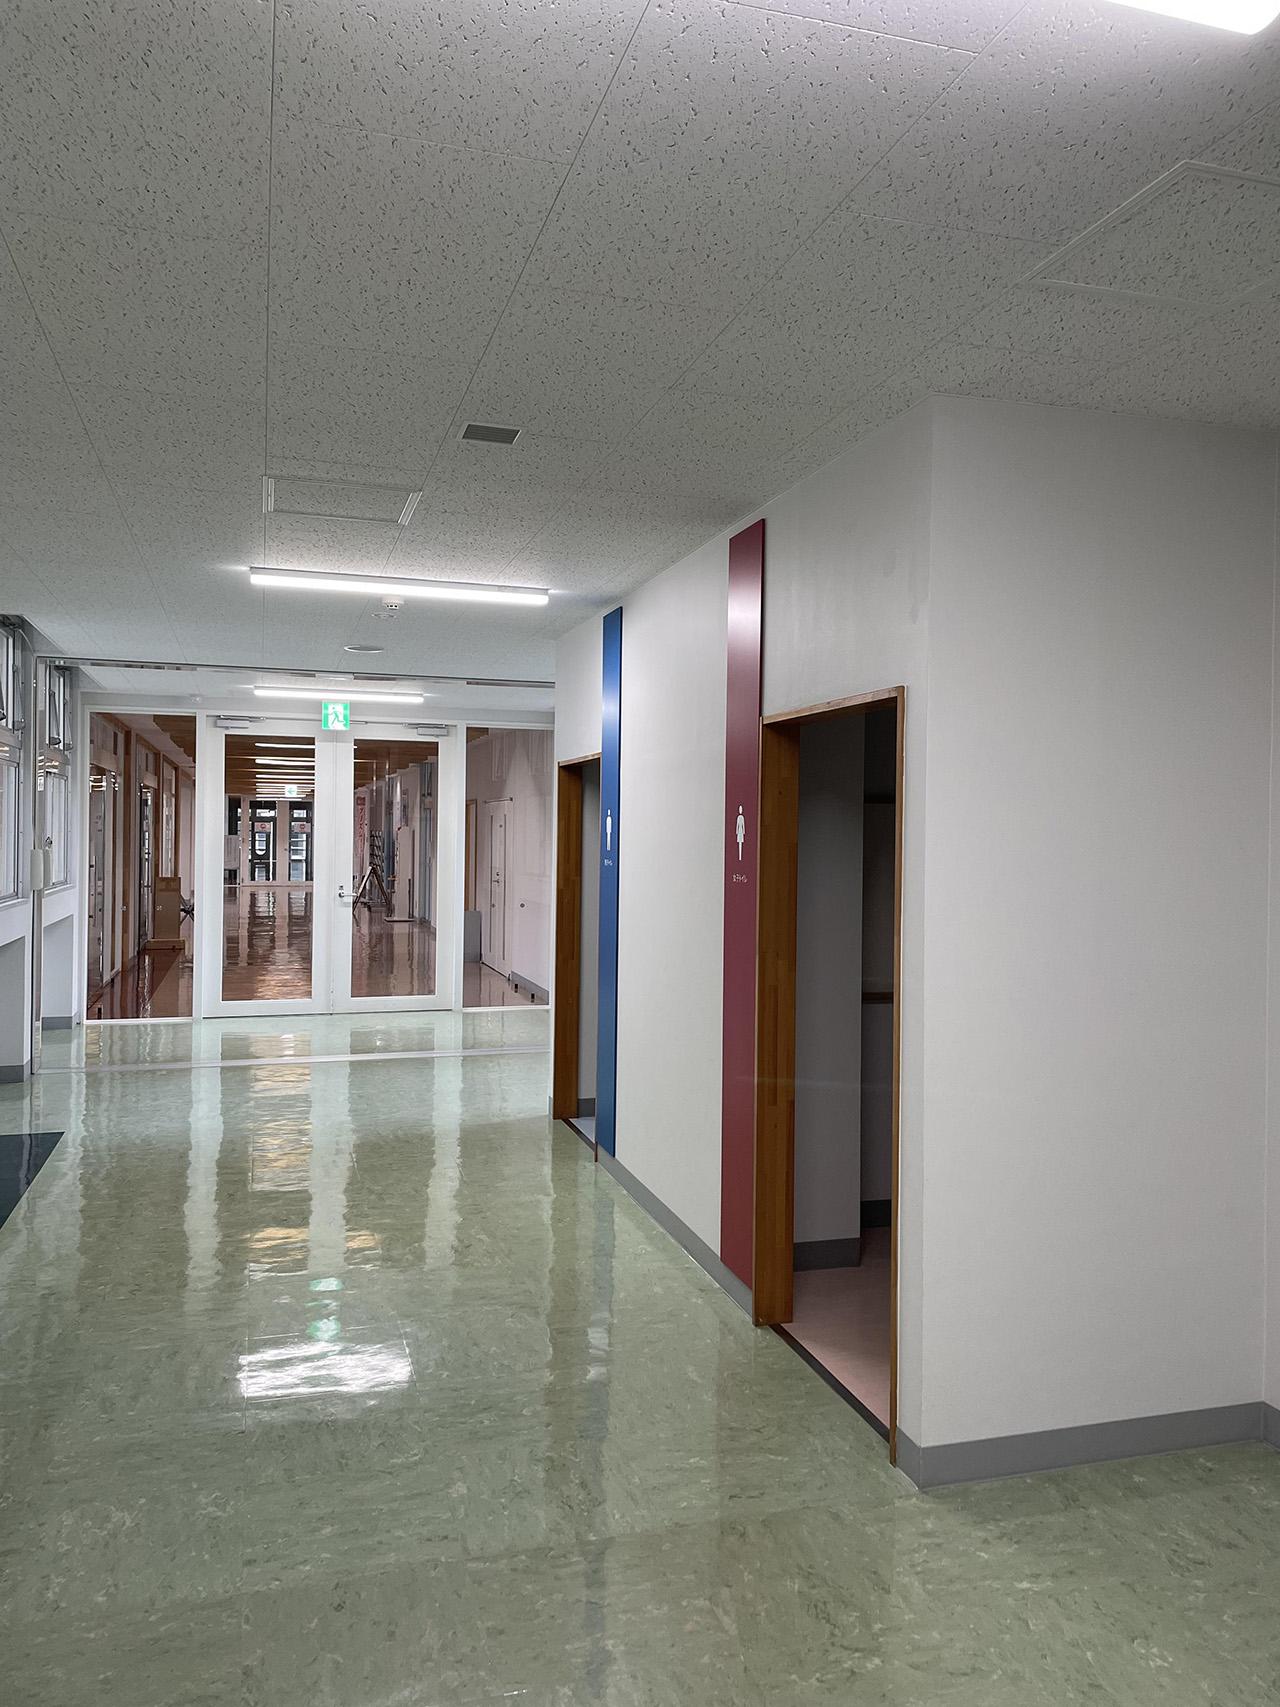 館内の廊下の写真